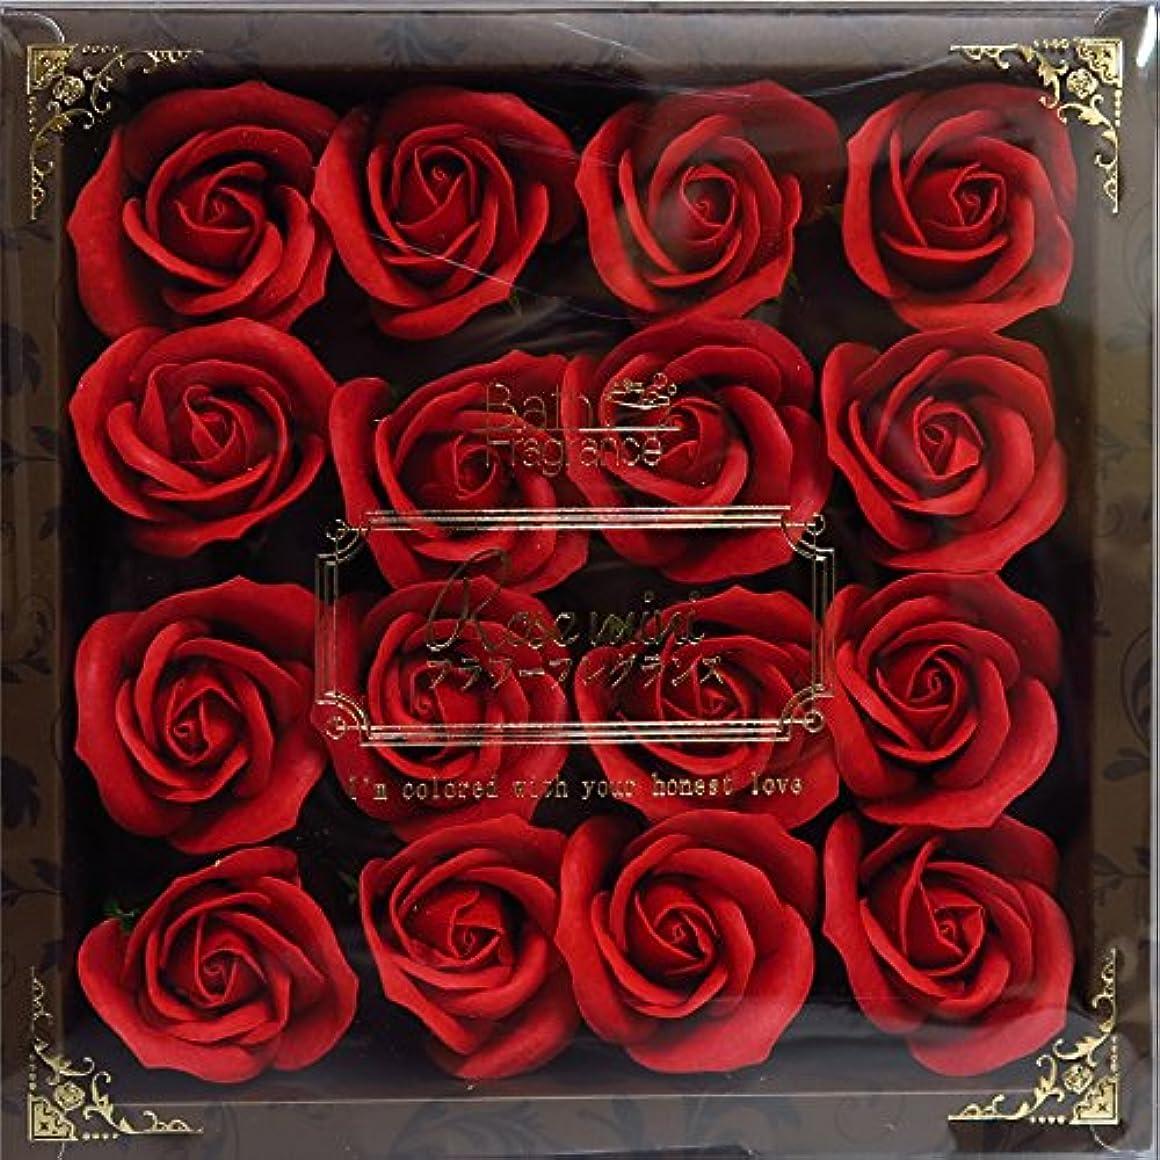 おもてなしファシズム先にバスフレグランス バスフラワー ミニローズフレグランス(M)レッド ギフト お花の形の入浴剤 プレゼント ばら